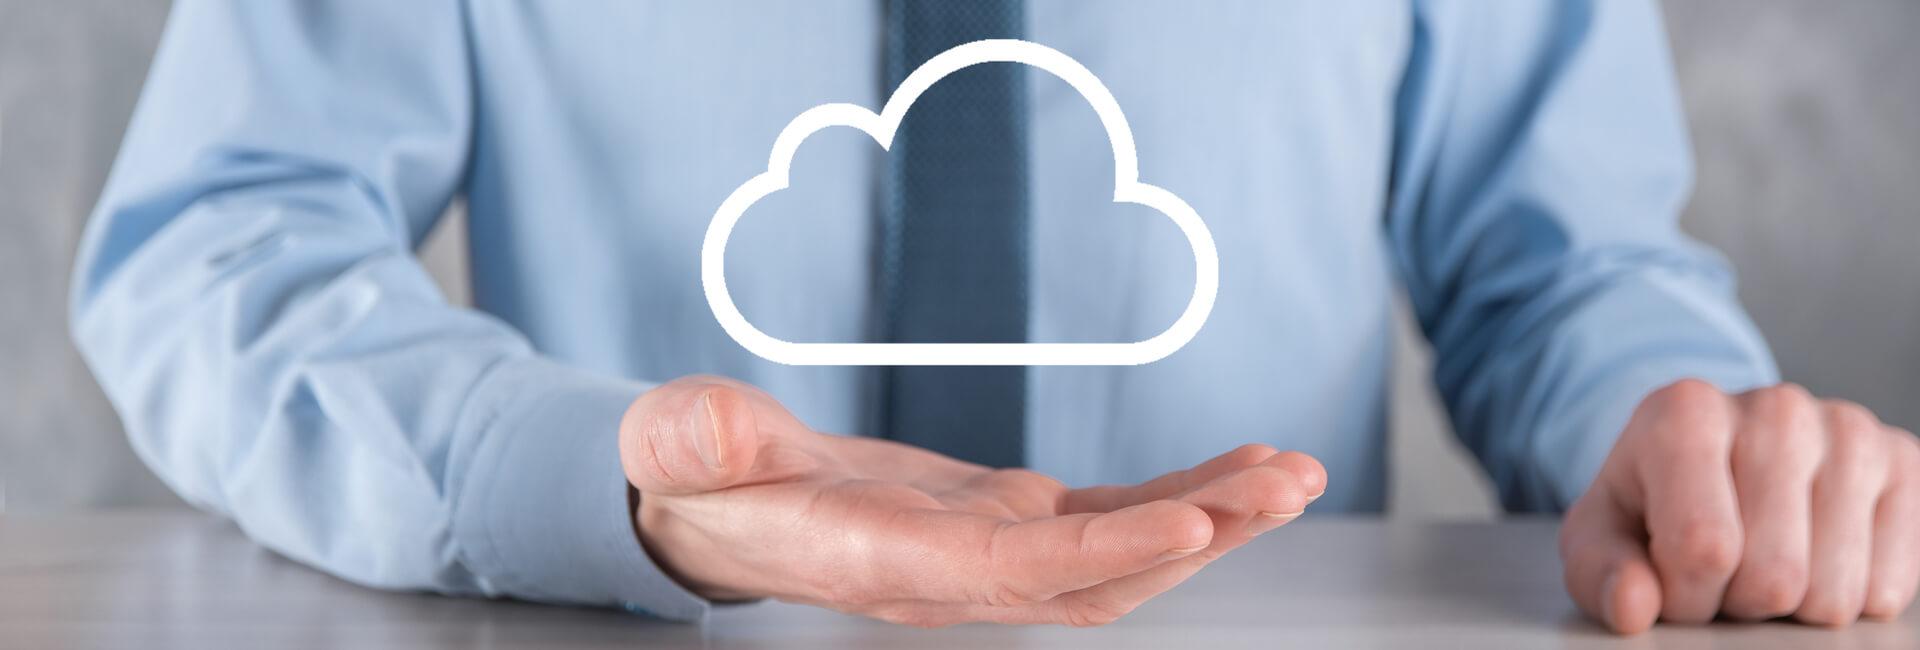 Servizi Cloud che liberano il CIO: l'offerta WIIT